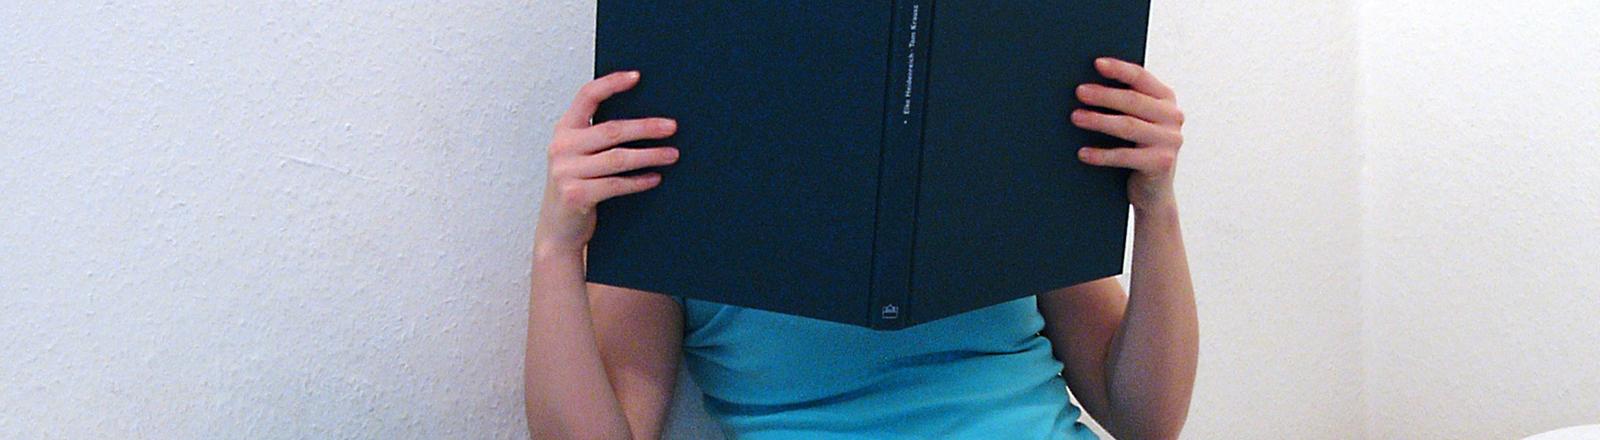 Eine junge Frau hält sich ein aufgeschlagenes Buch vors Gesicht